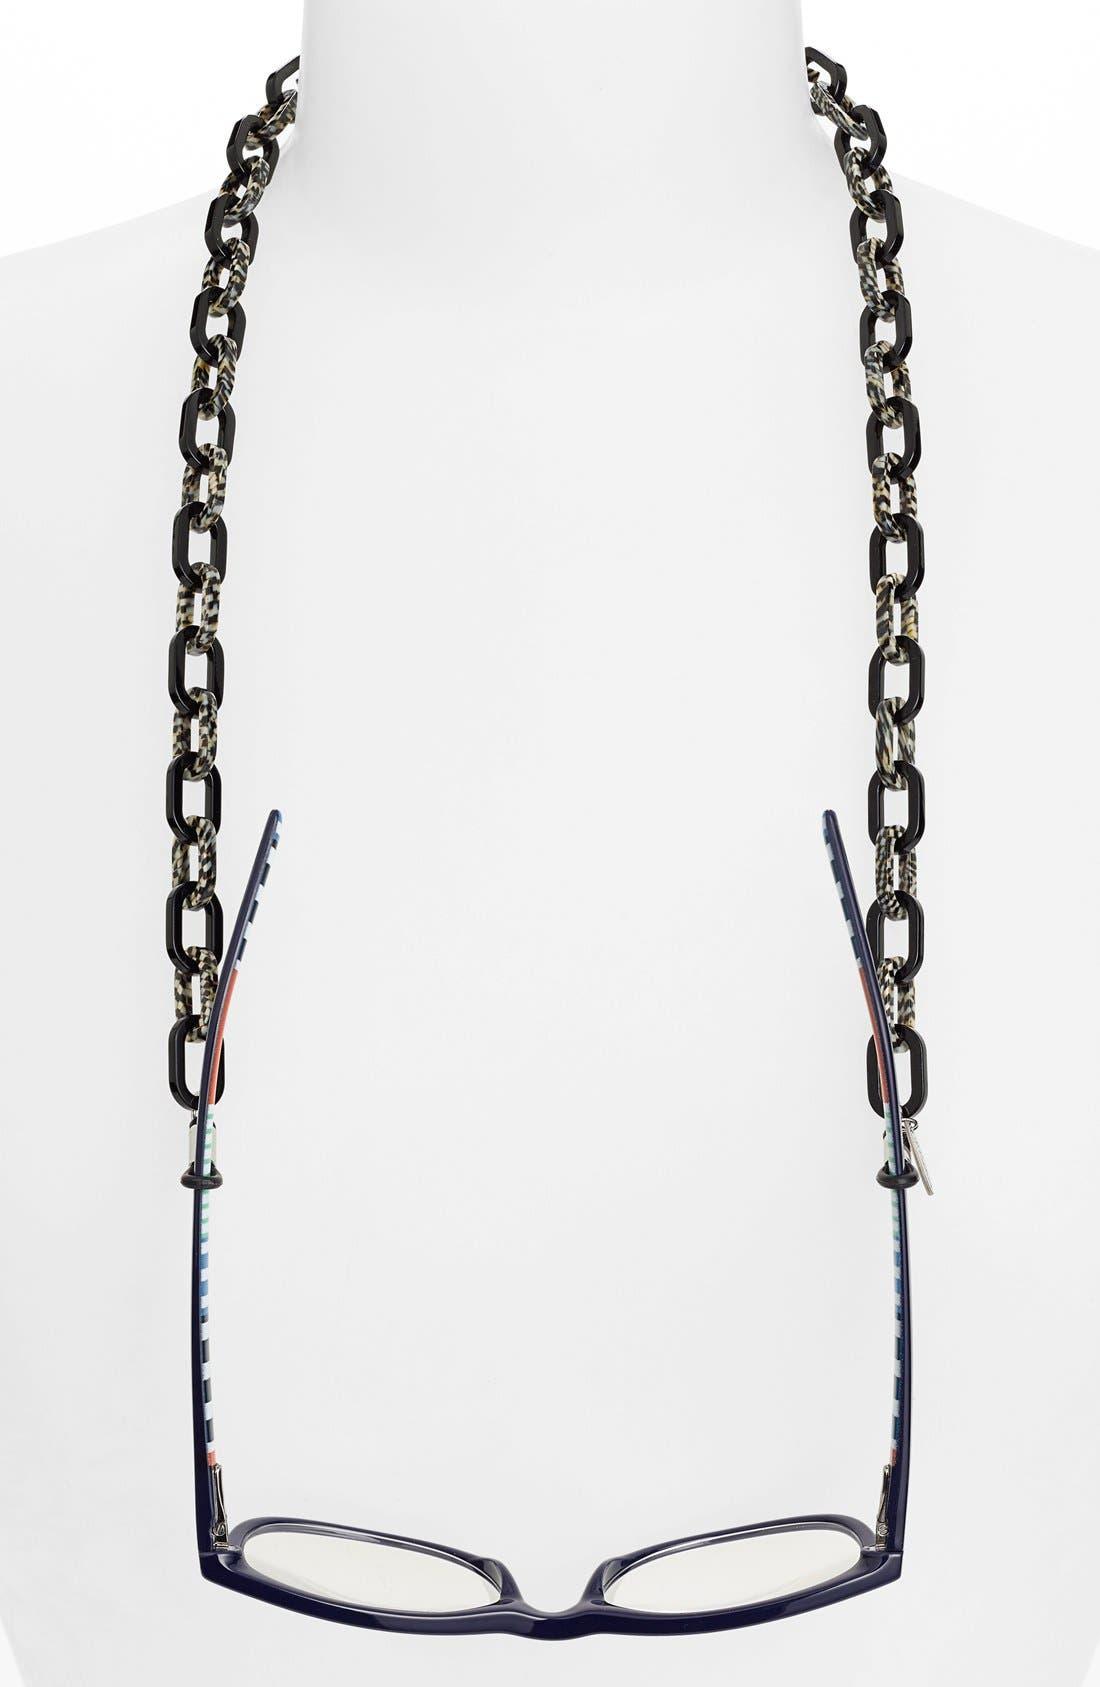 'Brynn' Oval Link Eyewear Chain,                             Main thumbnail 1, color,                             003